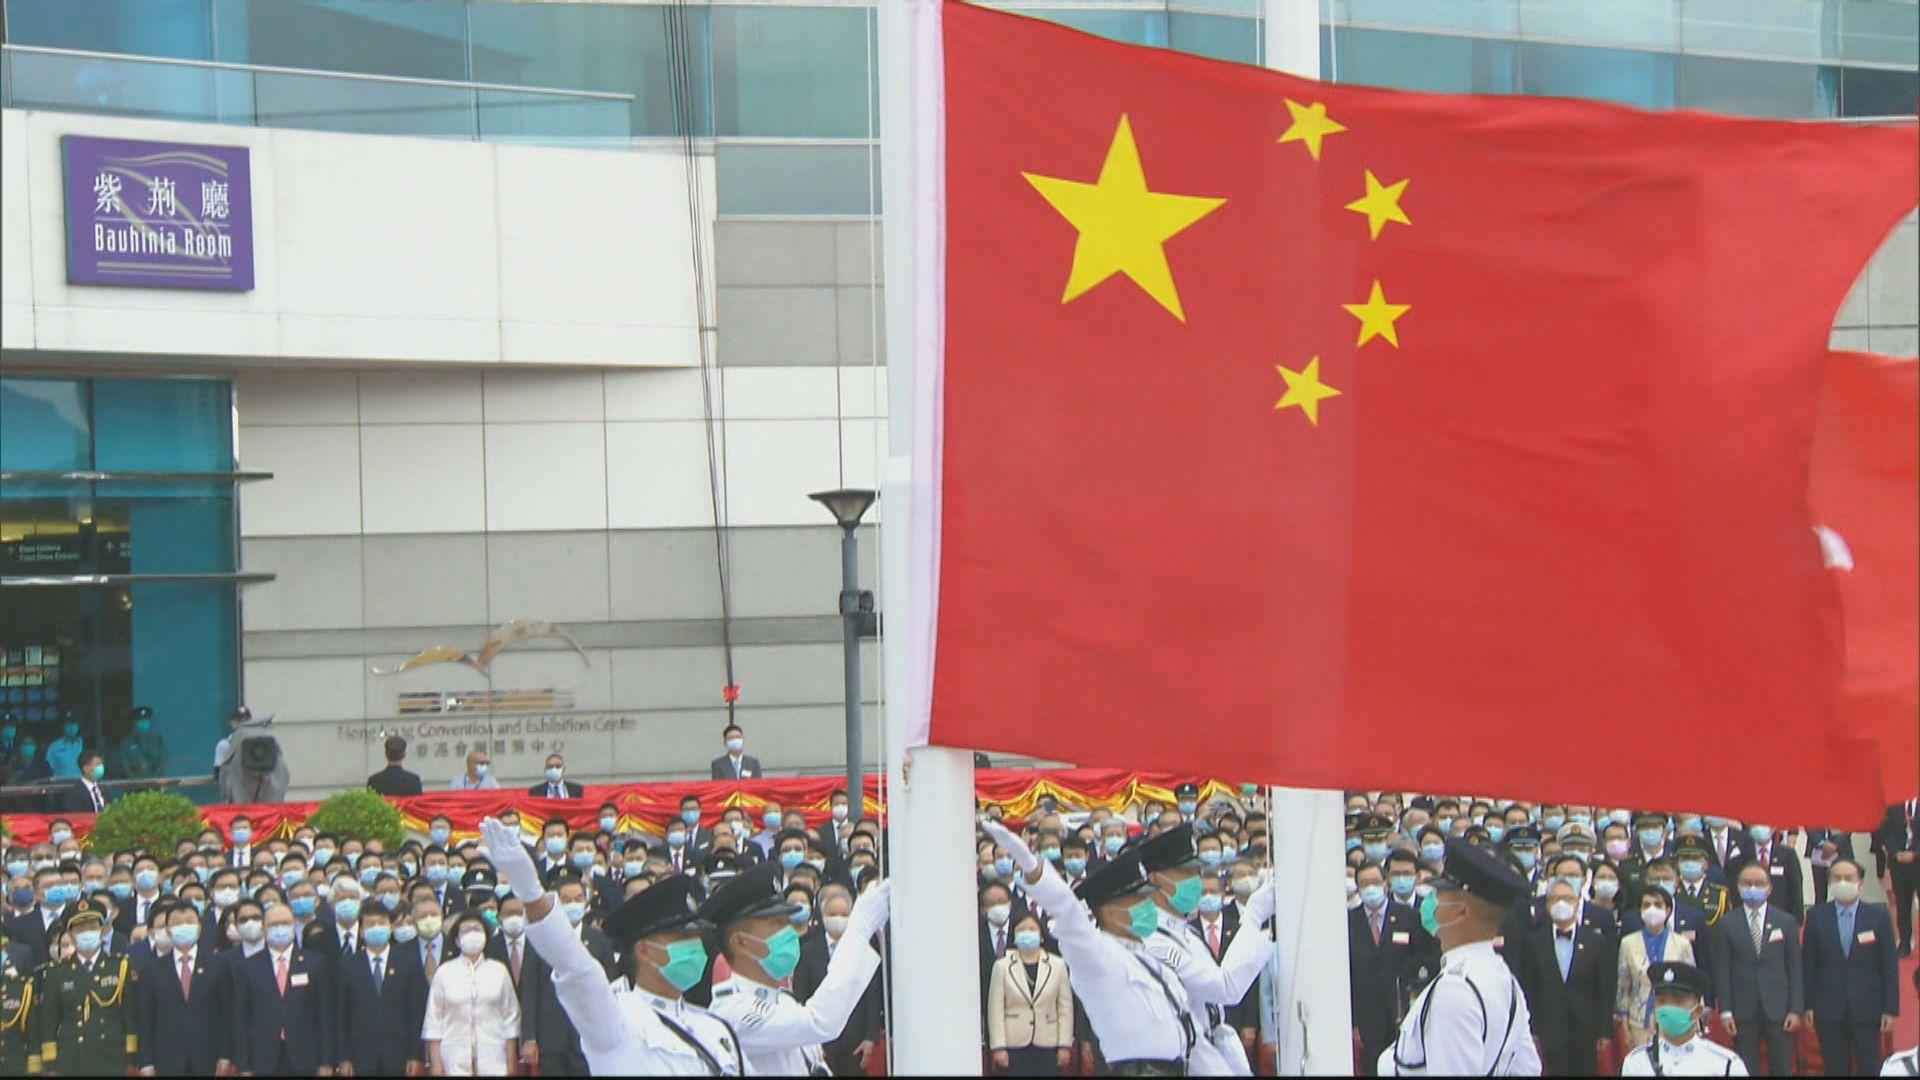 國慶升旗禮金紫荊舉行 因疫情不設公眾觀禮區